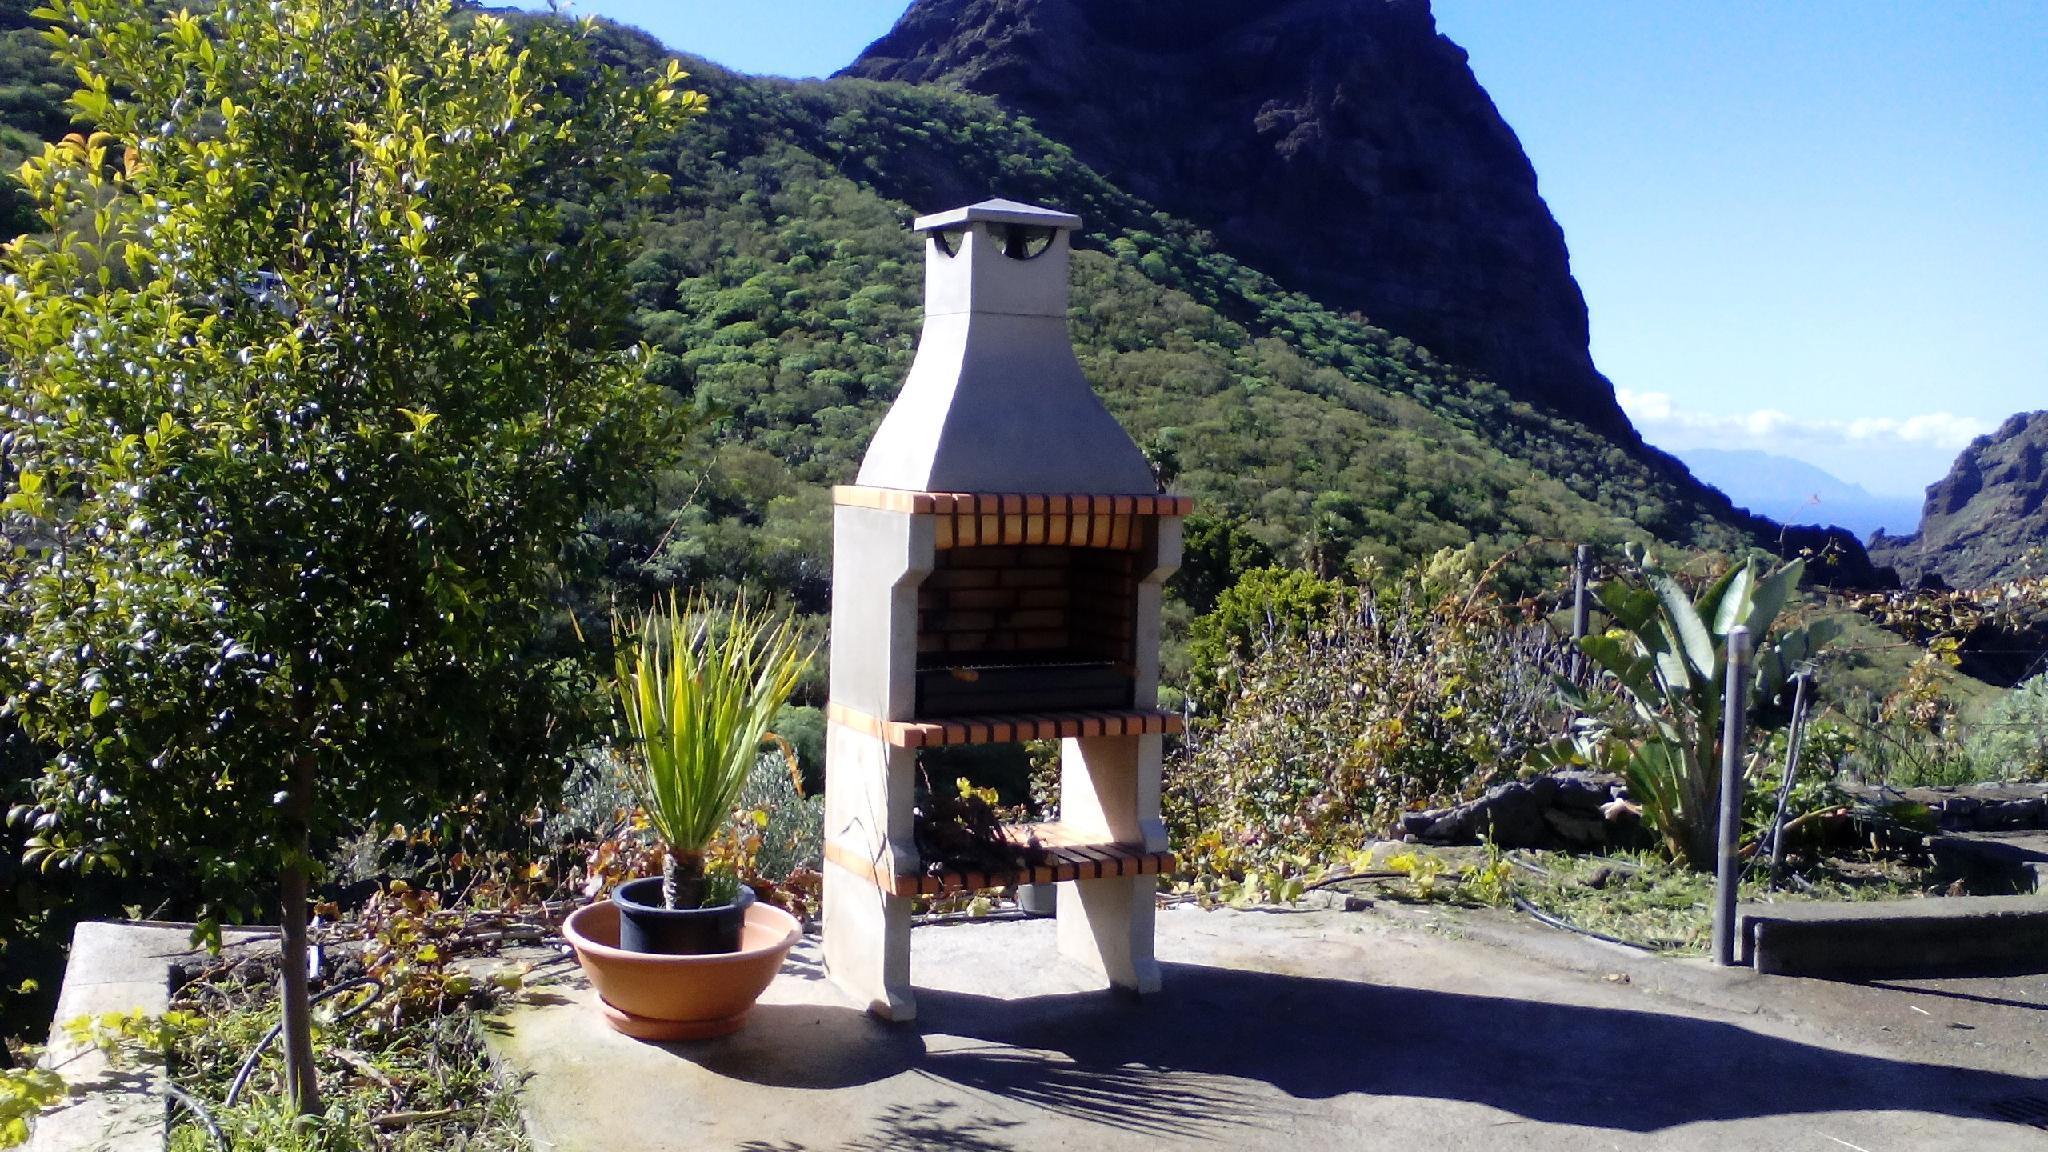 Enjoy Casa Rural La Tinta